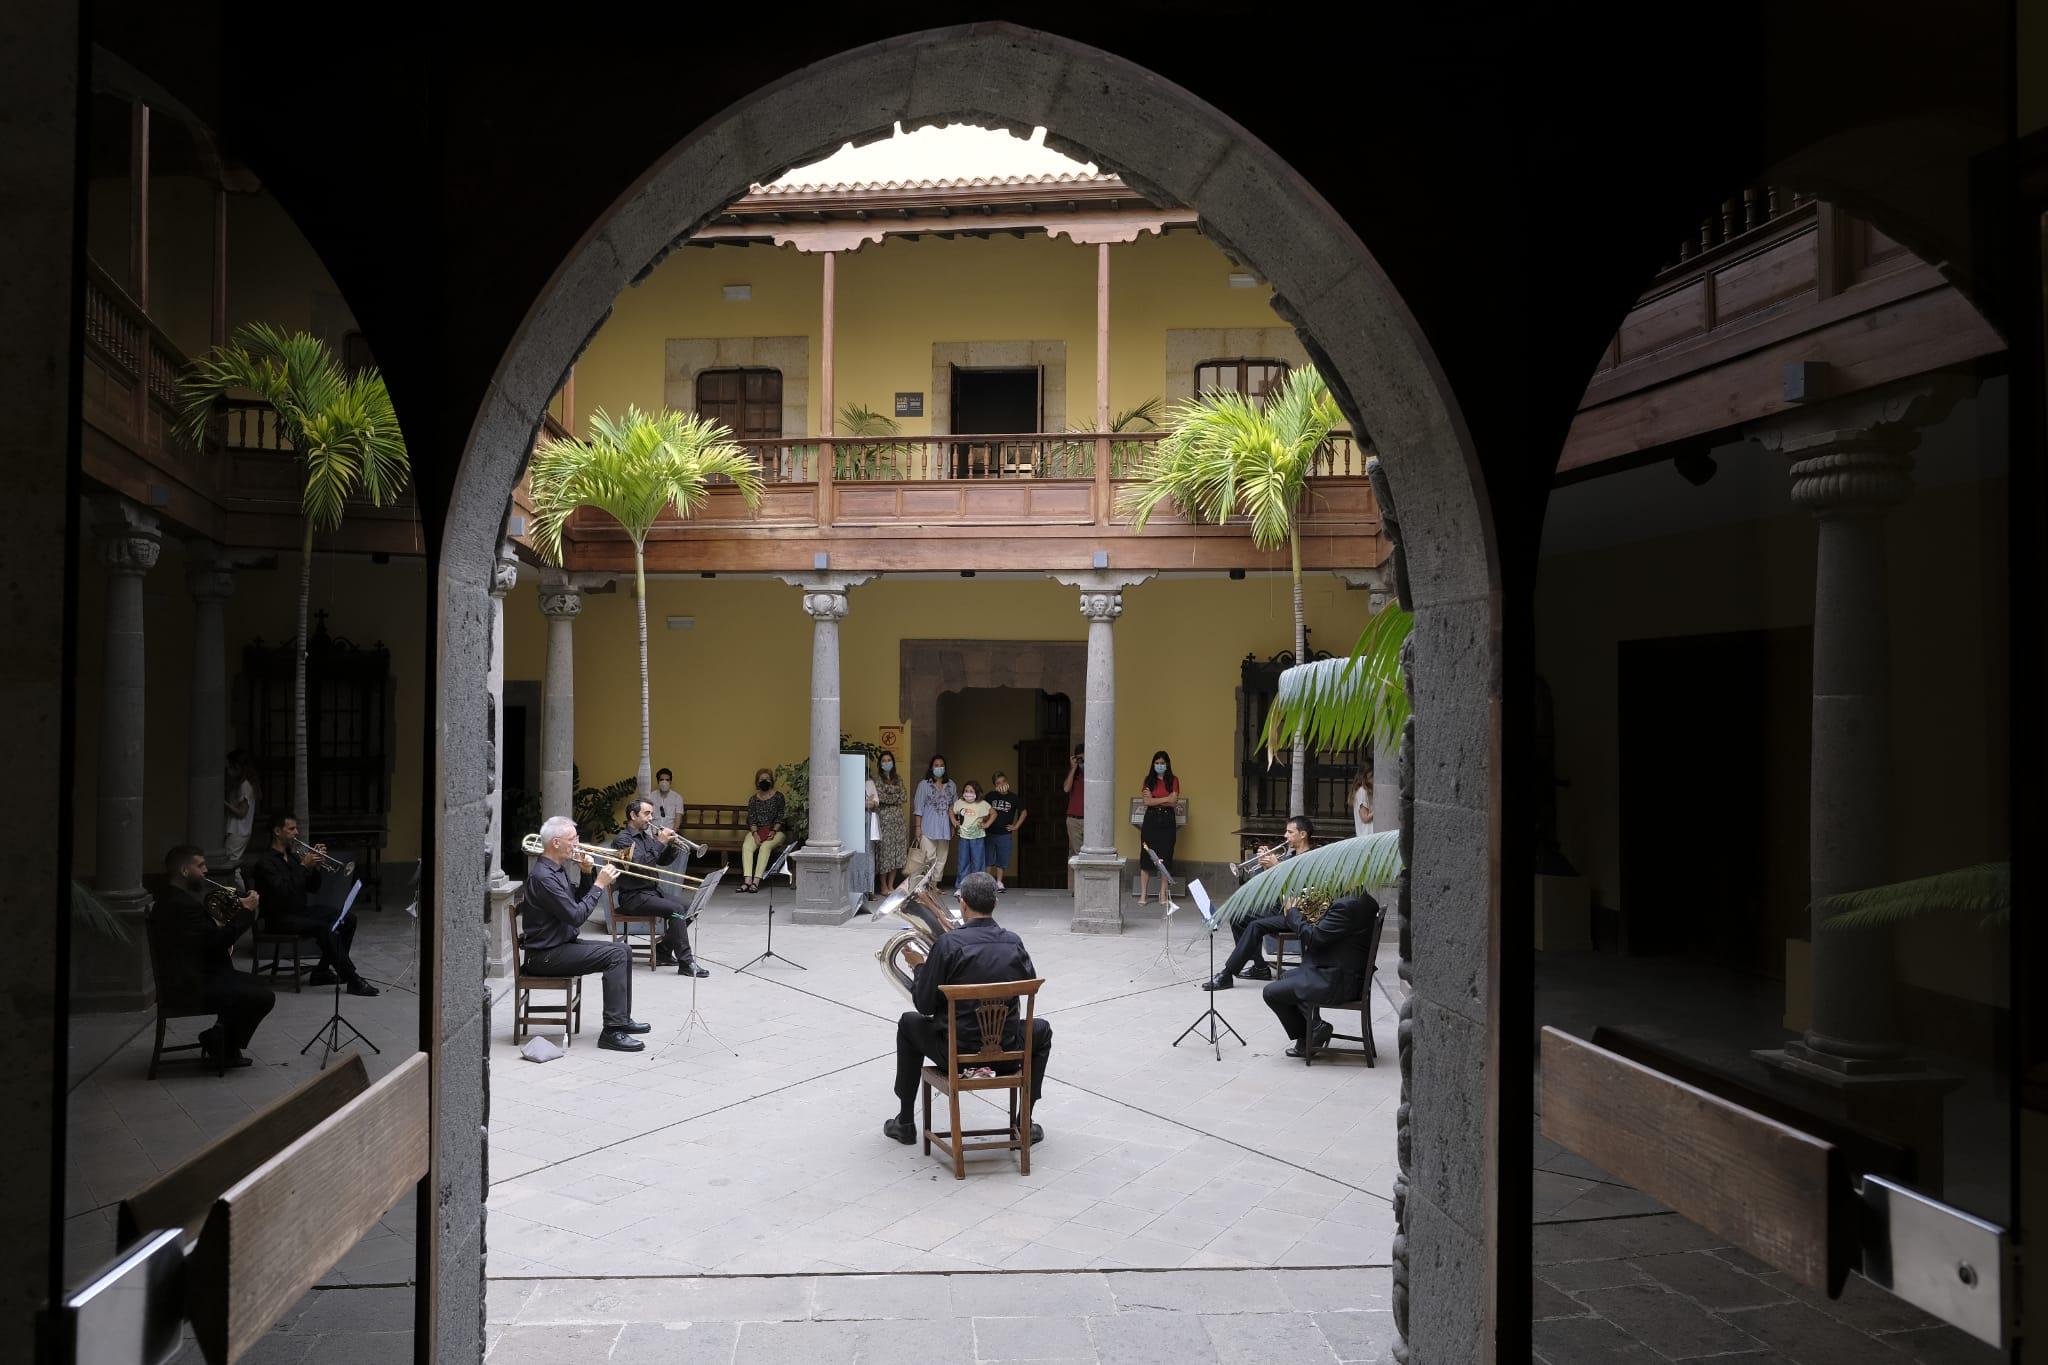 La música de la OFGC ameniza la reapertura de los museos de Gran Canaria